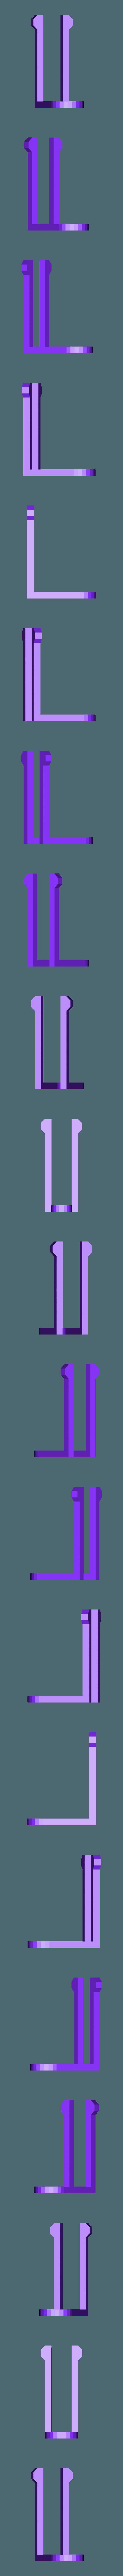 comp klip 40mm by ctrl design.stl Download STL file devil emoji cam cover • 3D printable design, Byctrldesign